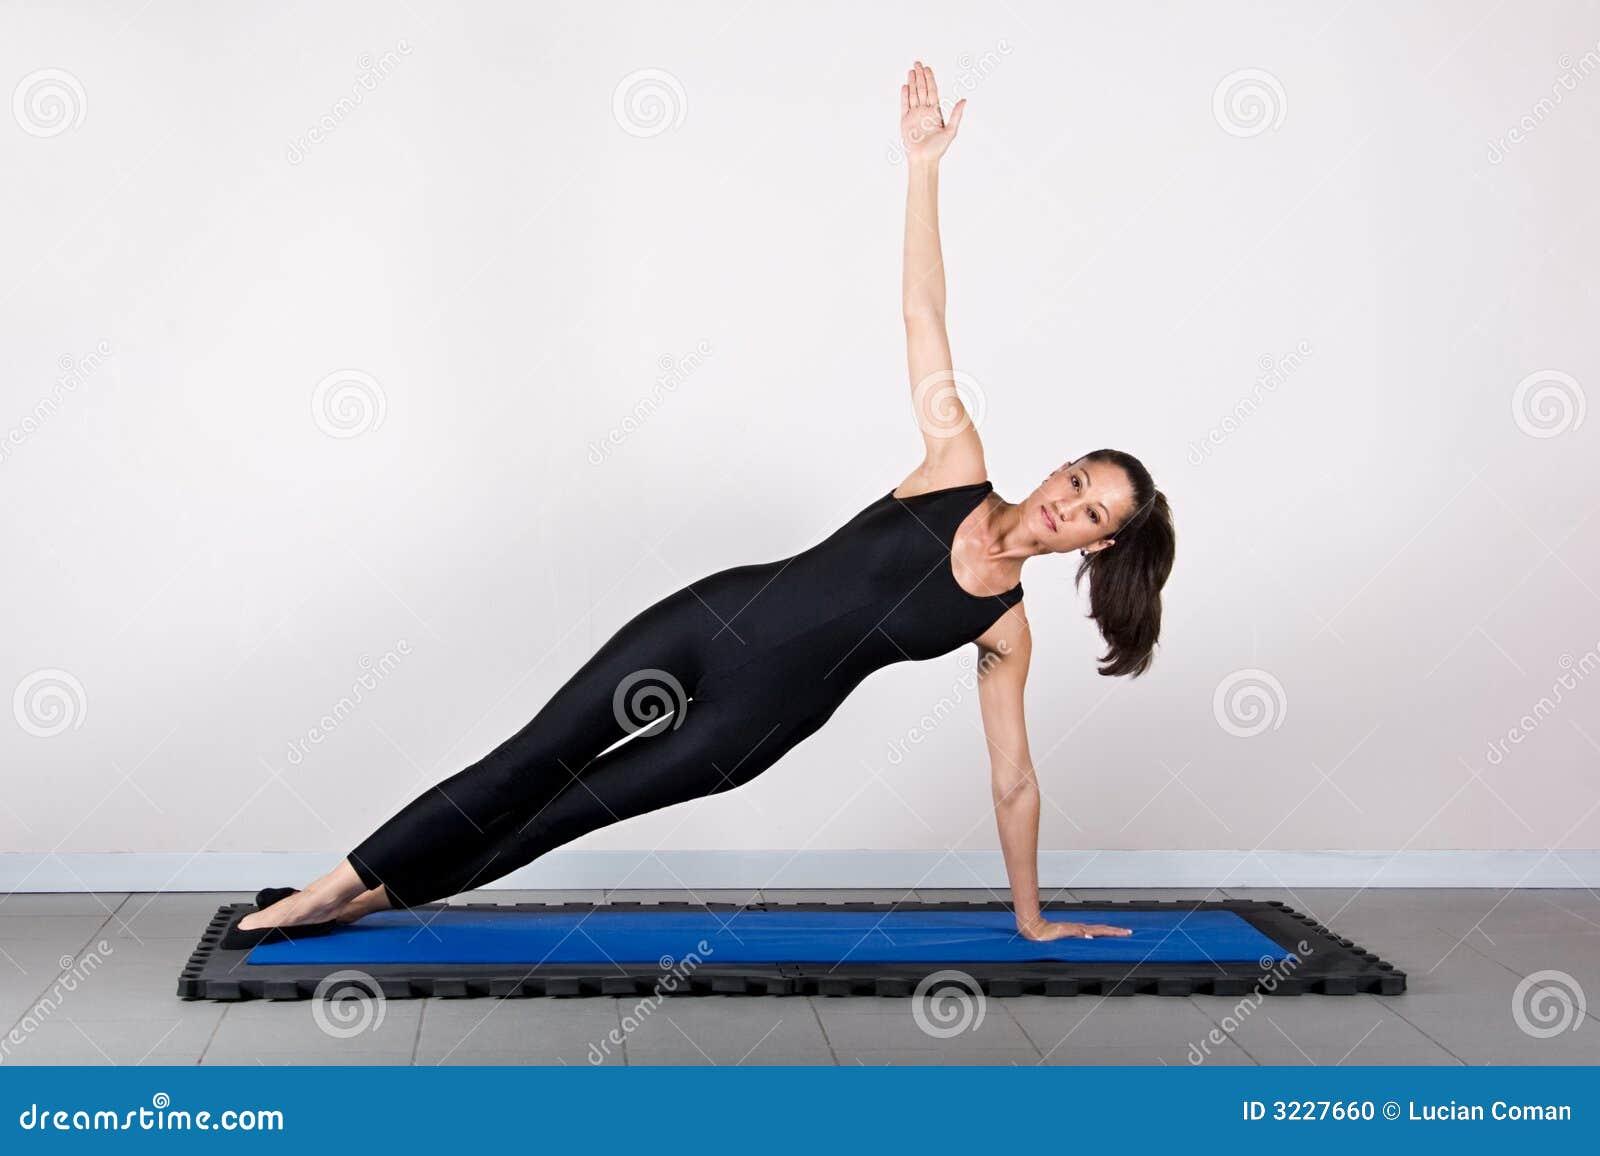 Похудеть в ногах питание и тренировки